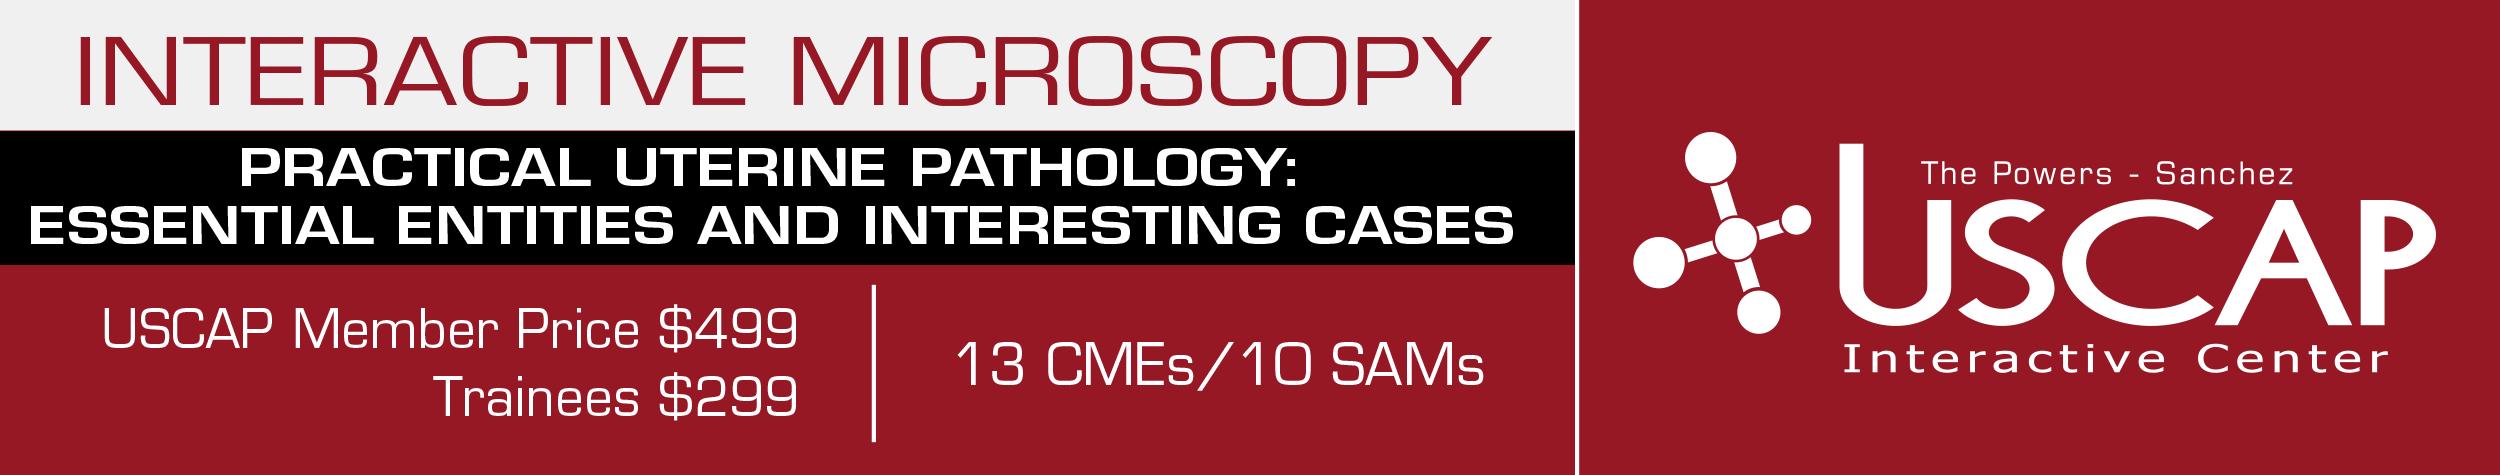 Interactive Microscopy: November 19-20, 2016